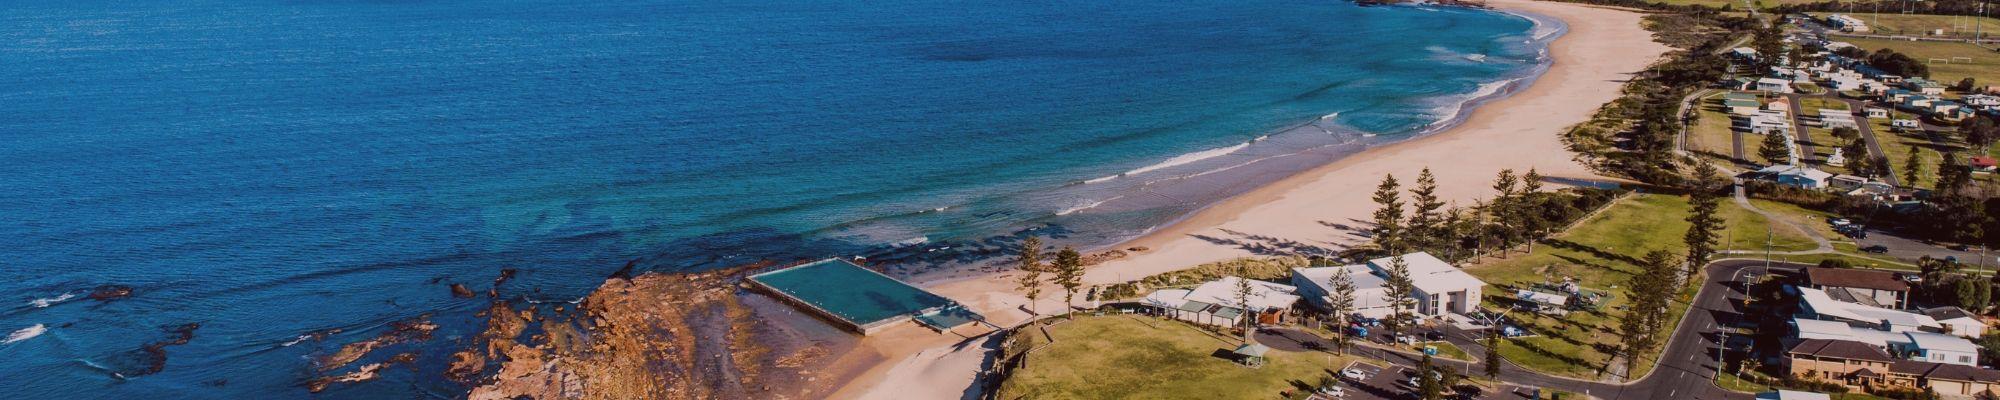 Surf LIFE SAVING LINKS -